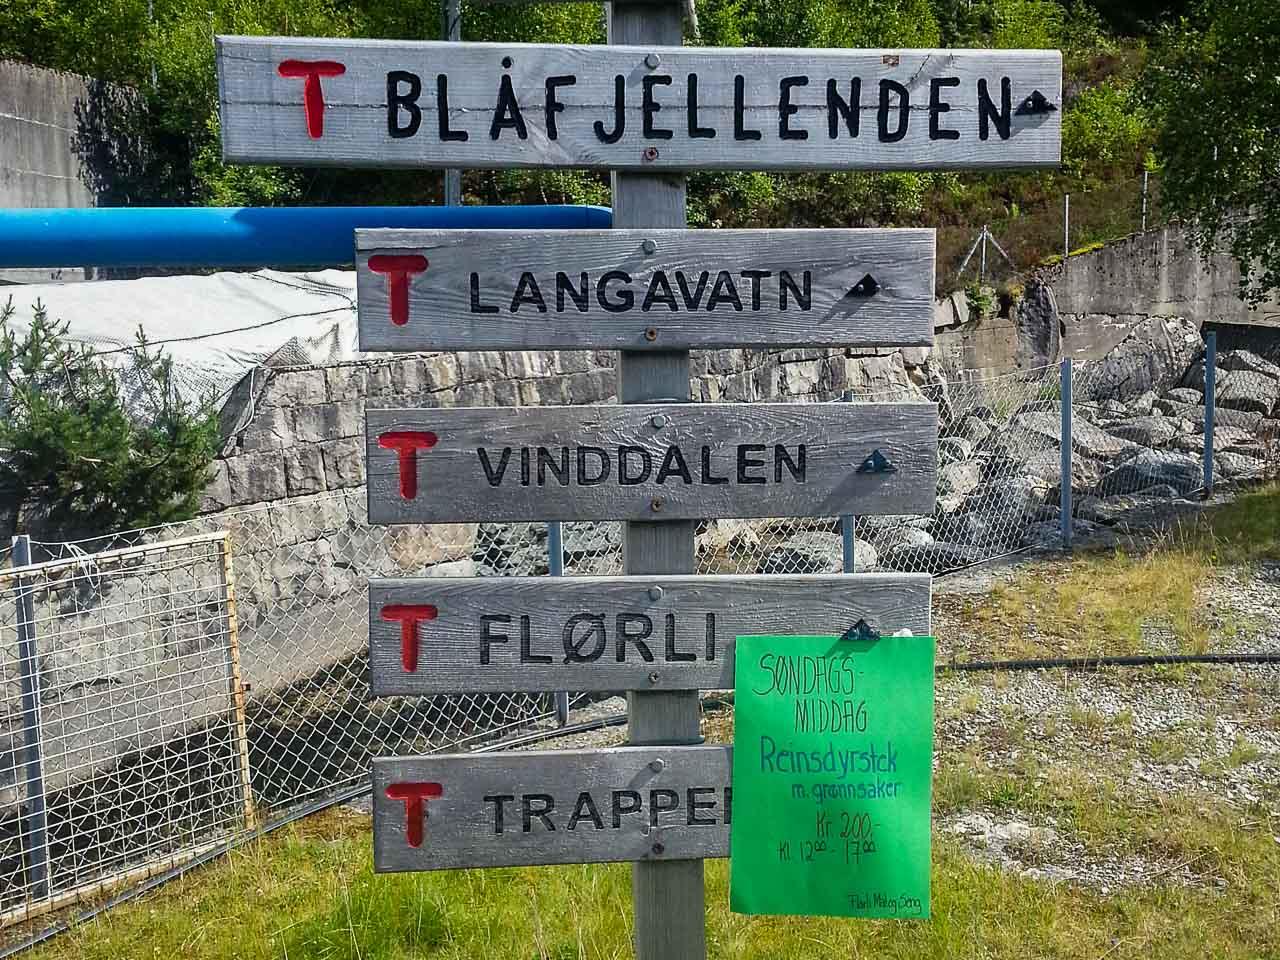 Norwegian sign